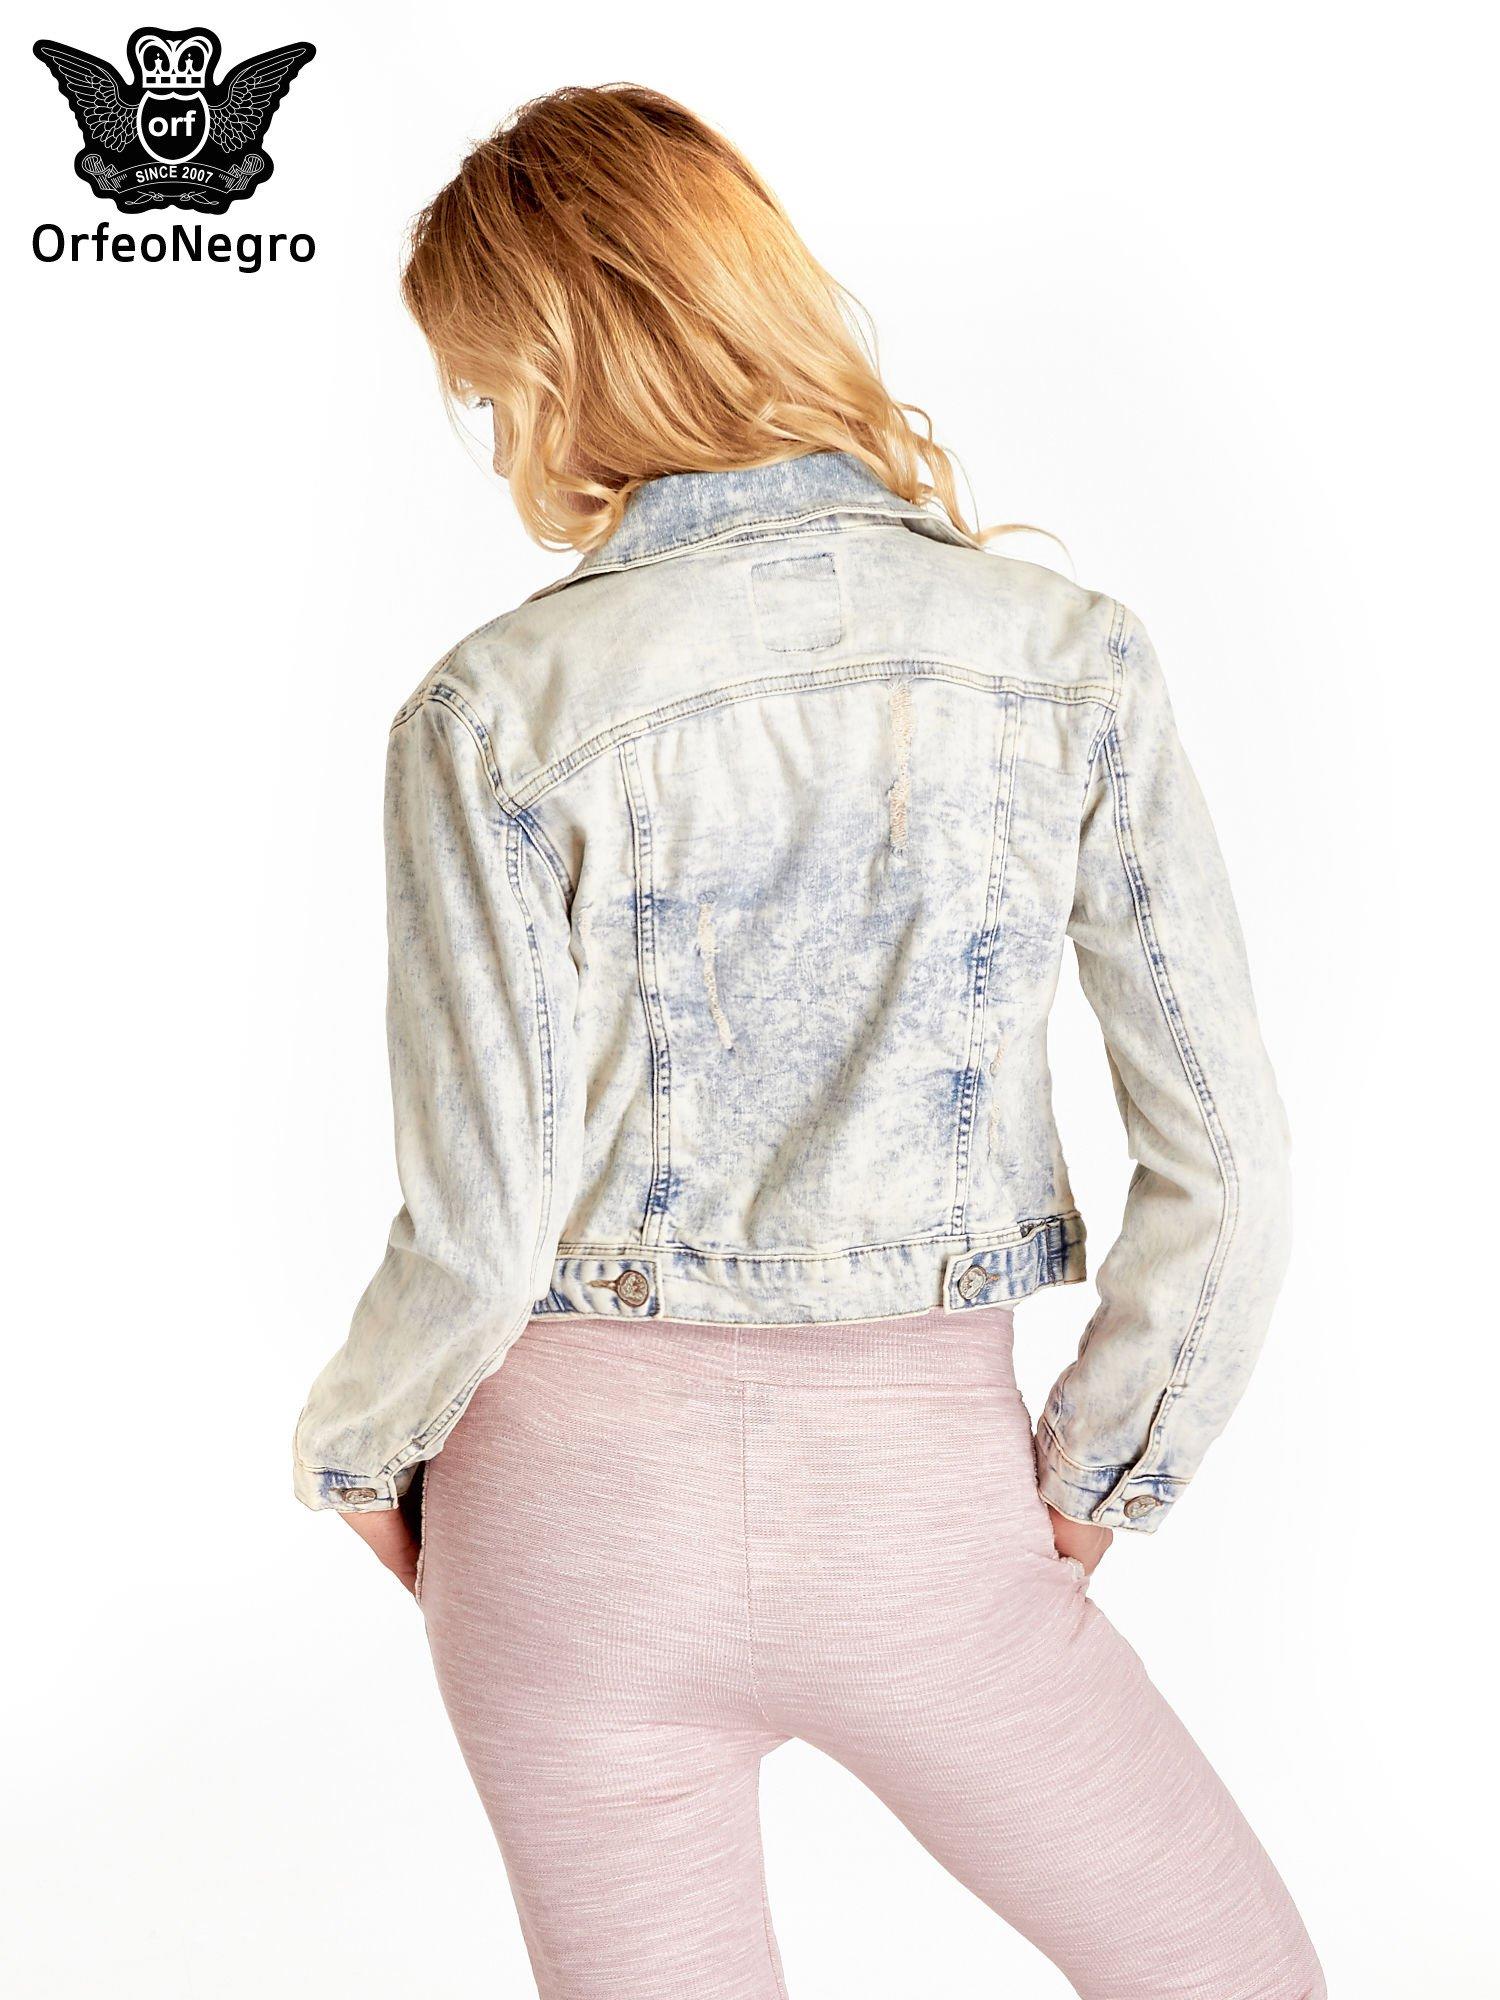 Jasnoniebieska kurtka jeansowa damska marmurkowa z kieszeniami na patki                                  zdj.                                  4